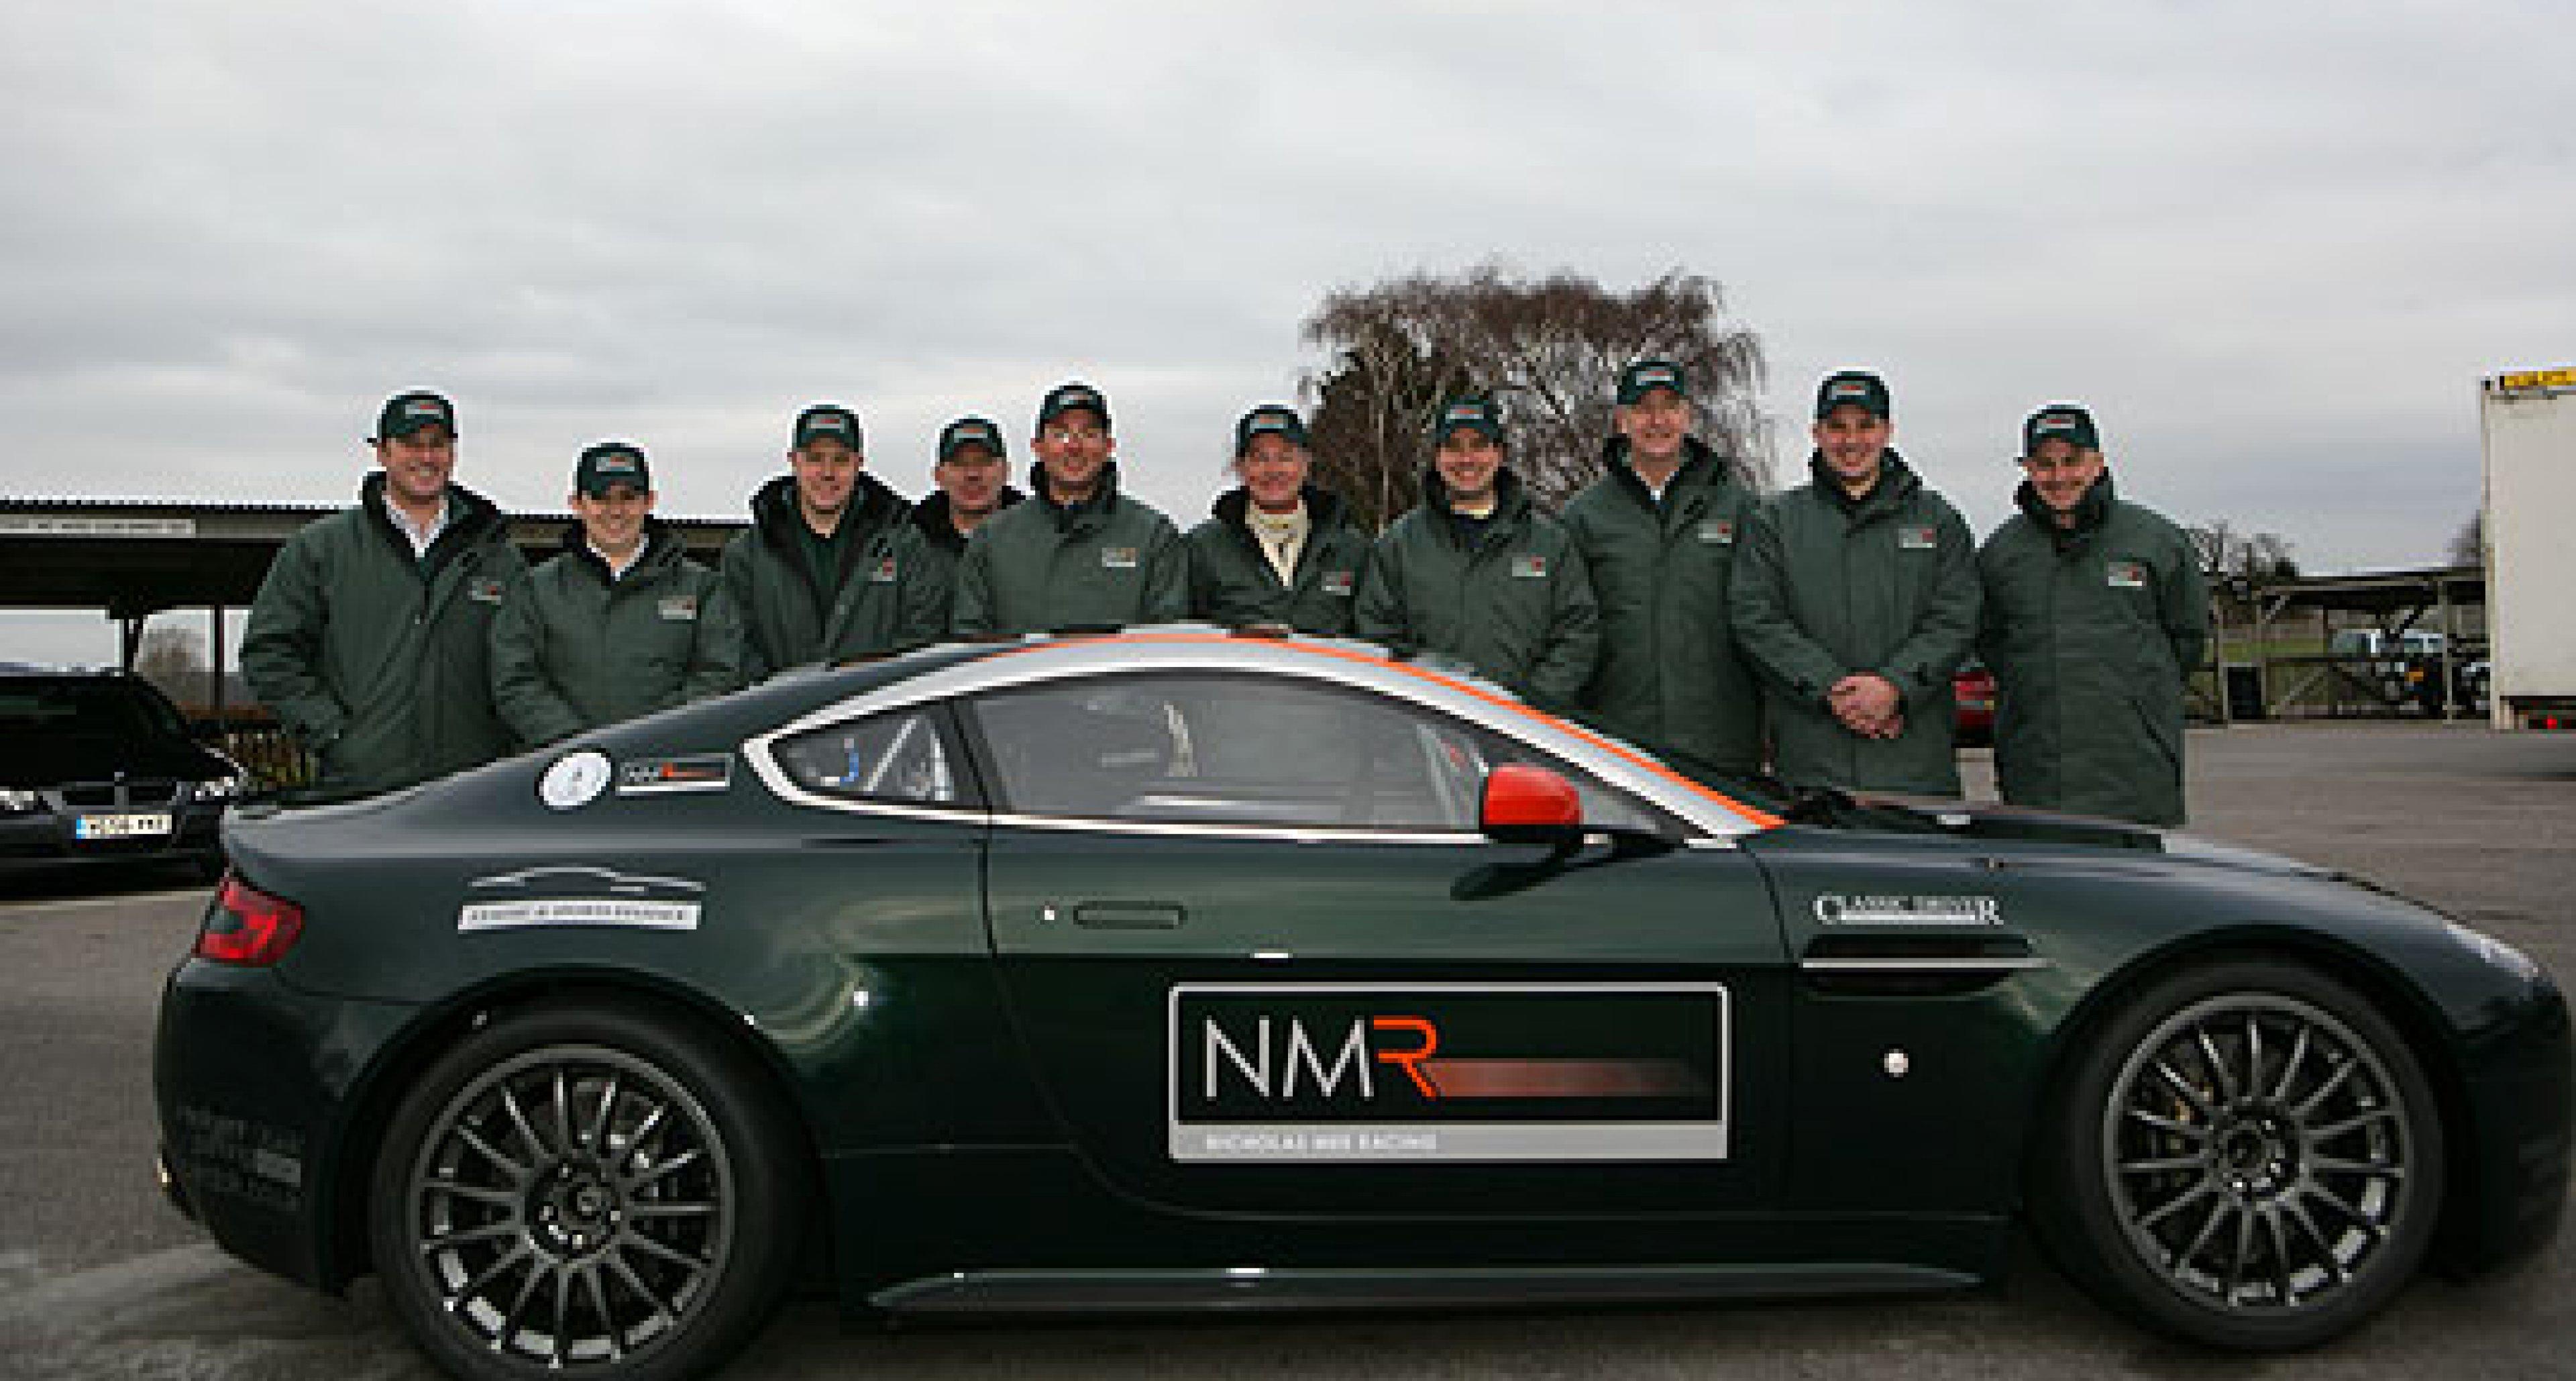 Händlerportrait: Nicholas Mee Racing: AMV8 GT4 in Goodwood